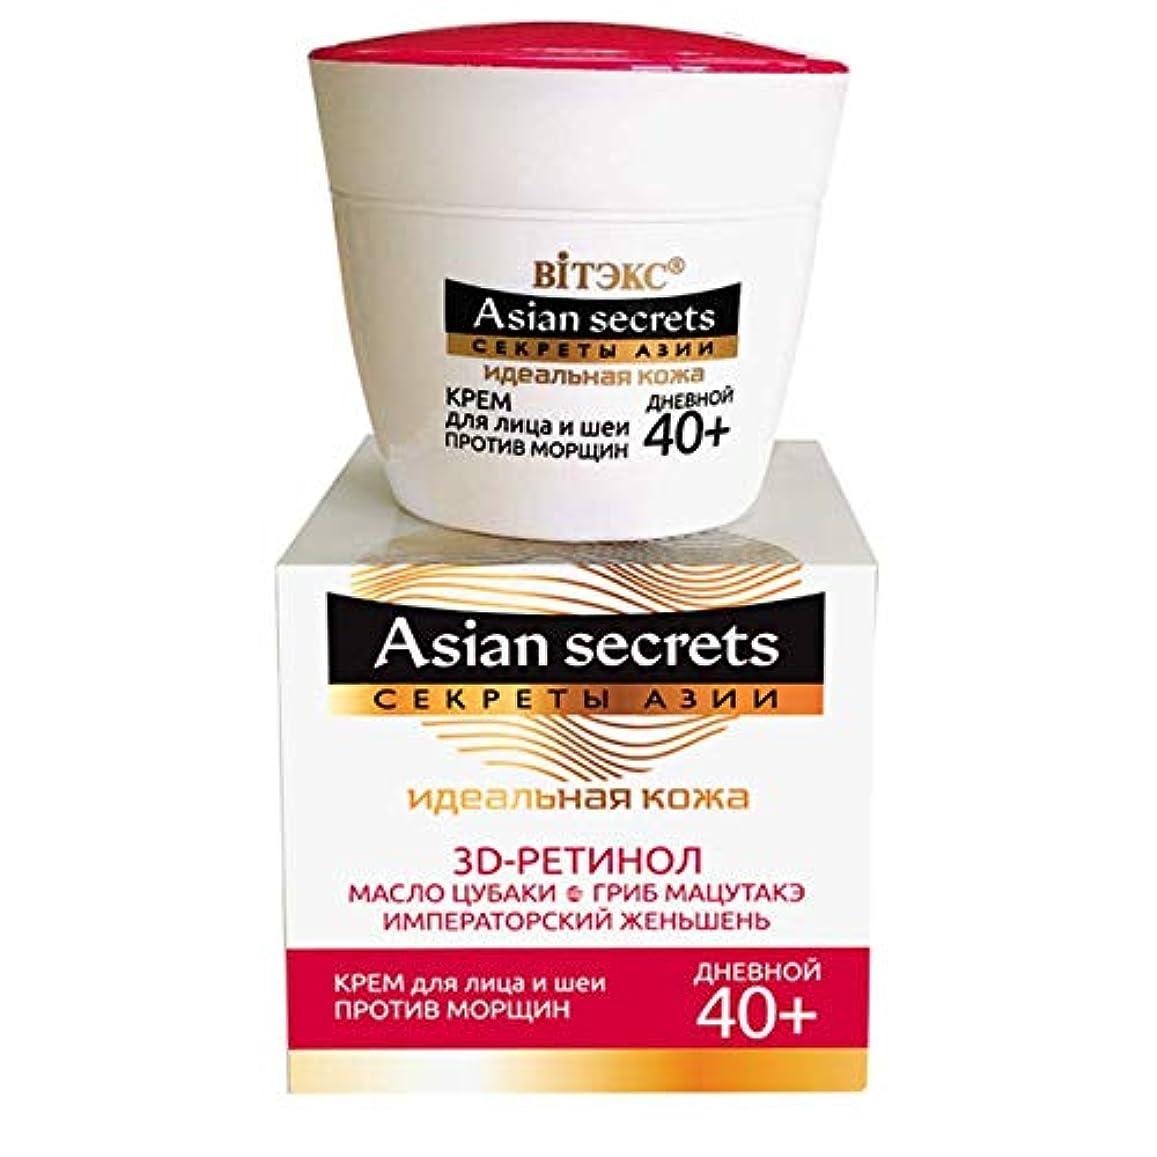 噴水湖成分Skin Care Moisturizer for dry skin and normal skin. Korean Beauty - Face day Cream Moisturizer | Japanese Camellia...